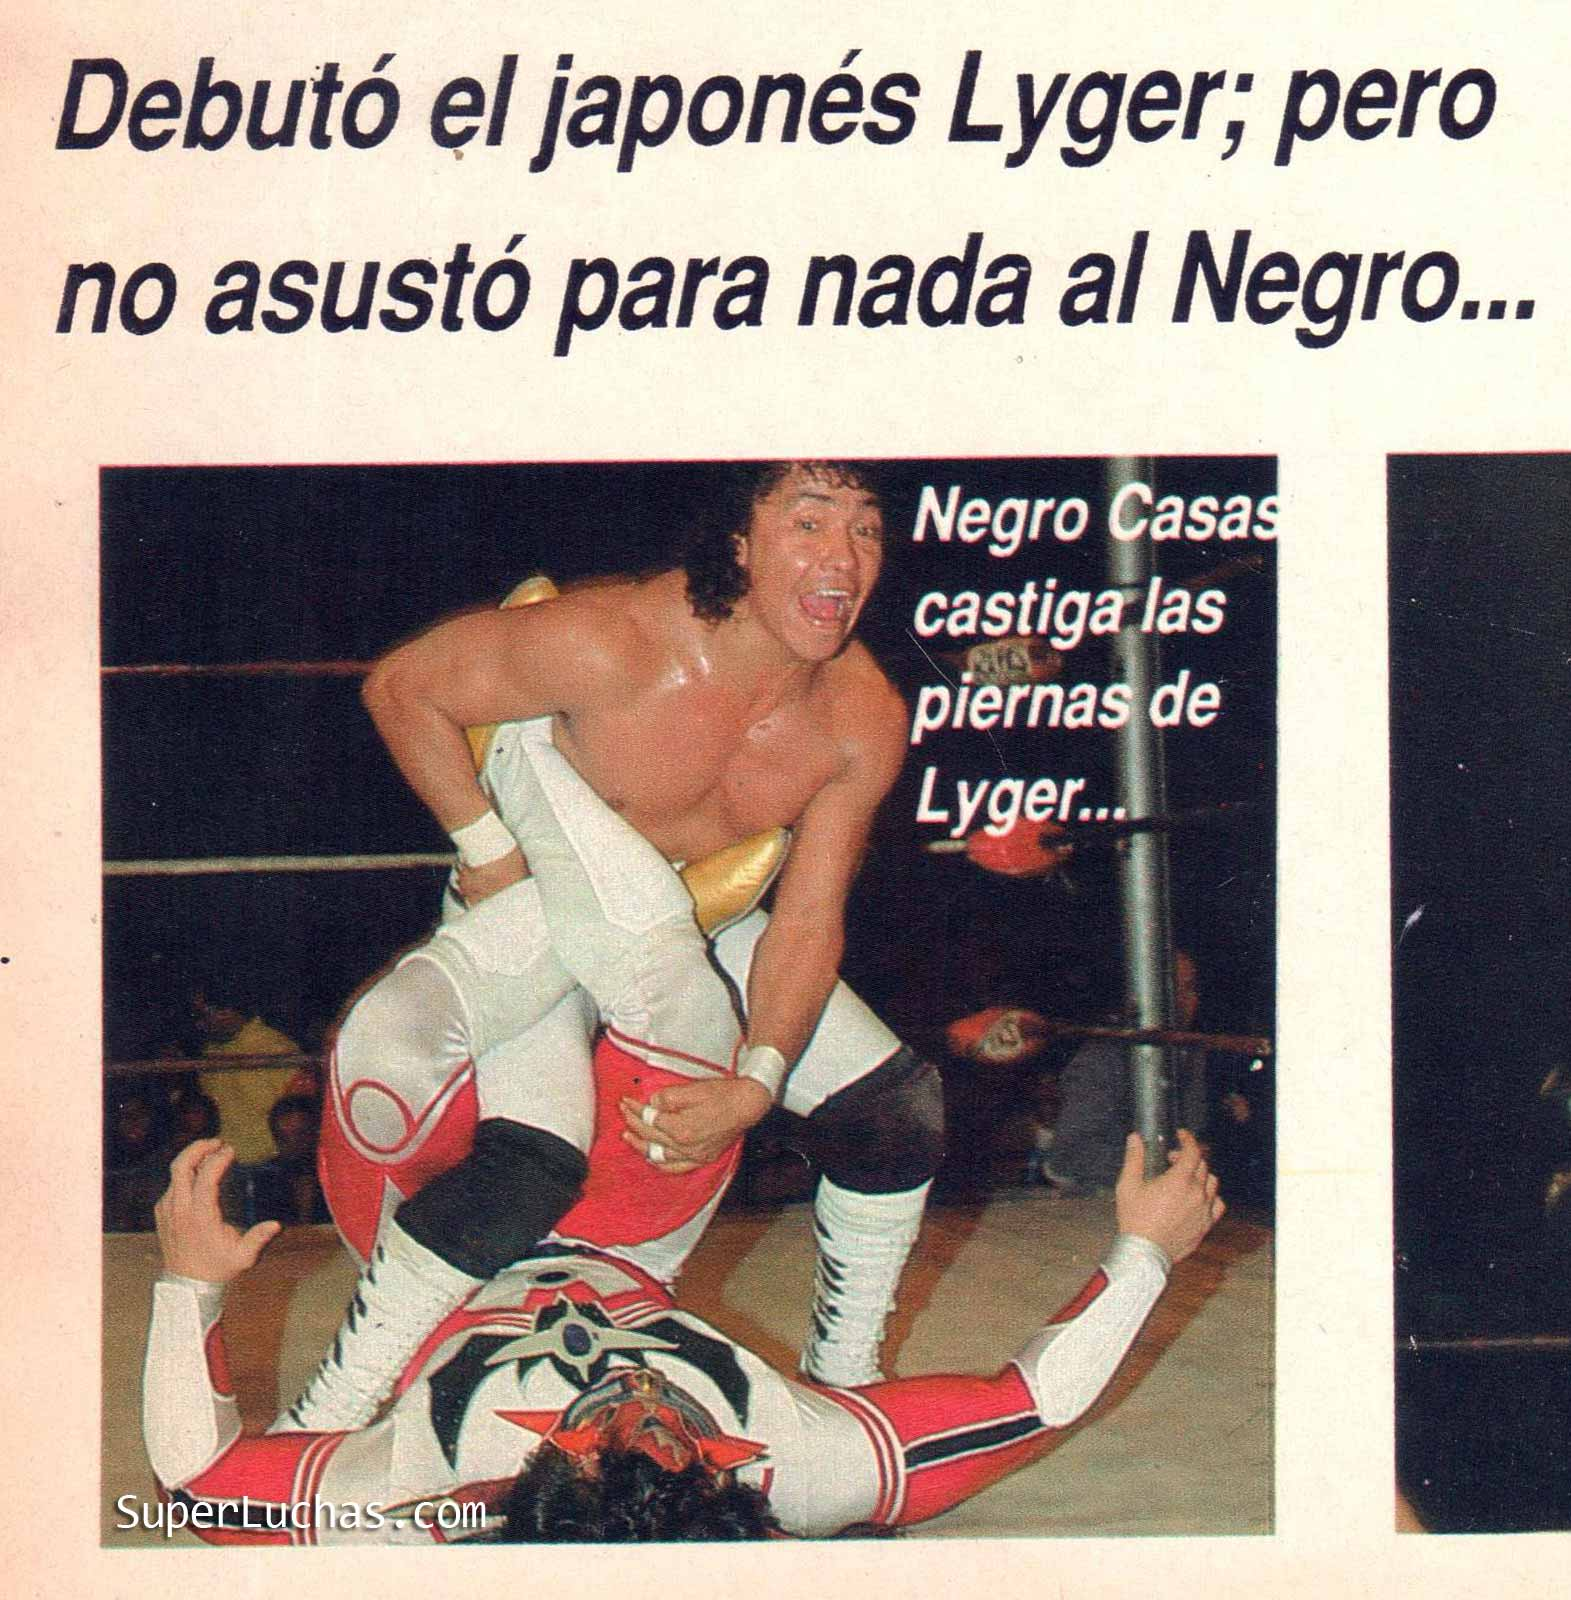 """Jushin """"Thunder Liger vs. Negro Casas"""